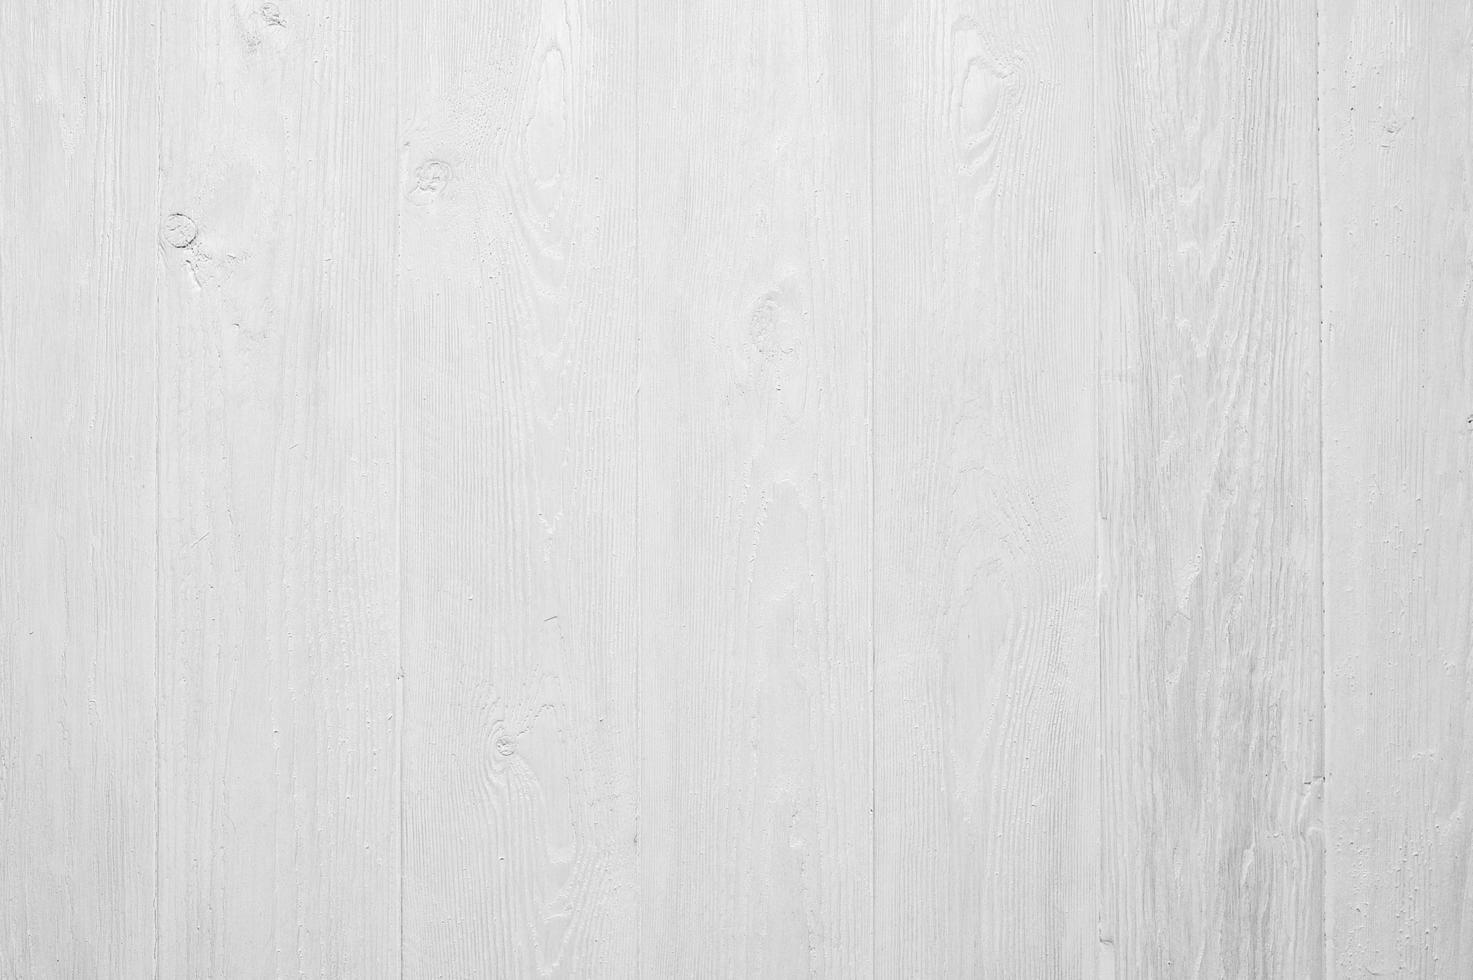 legno verniciato bianco rustico foto